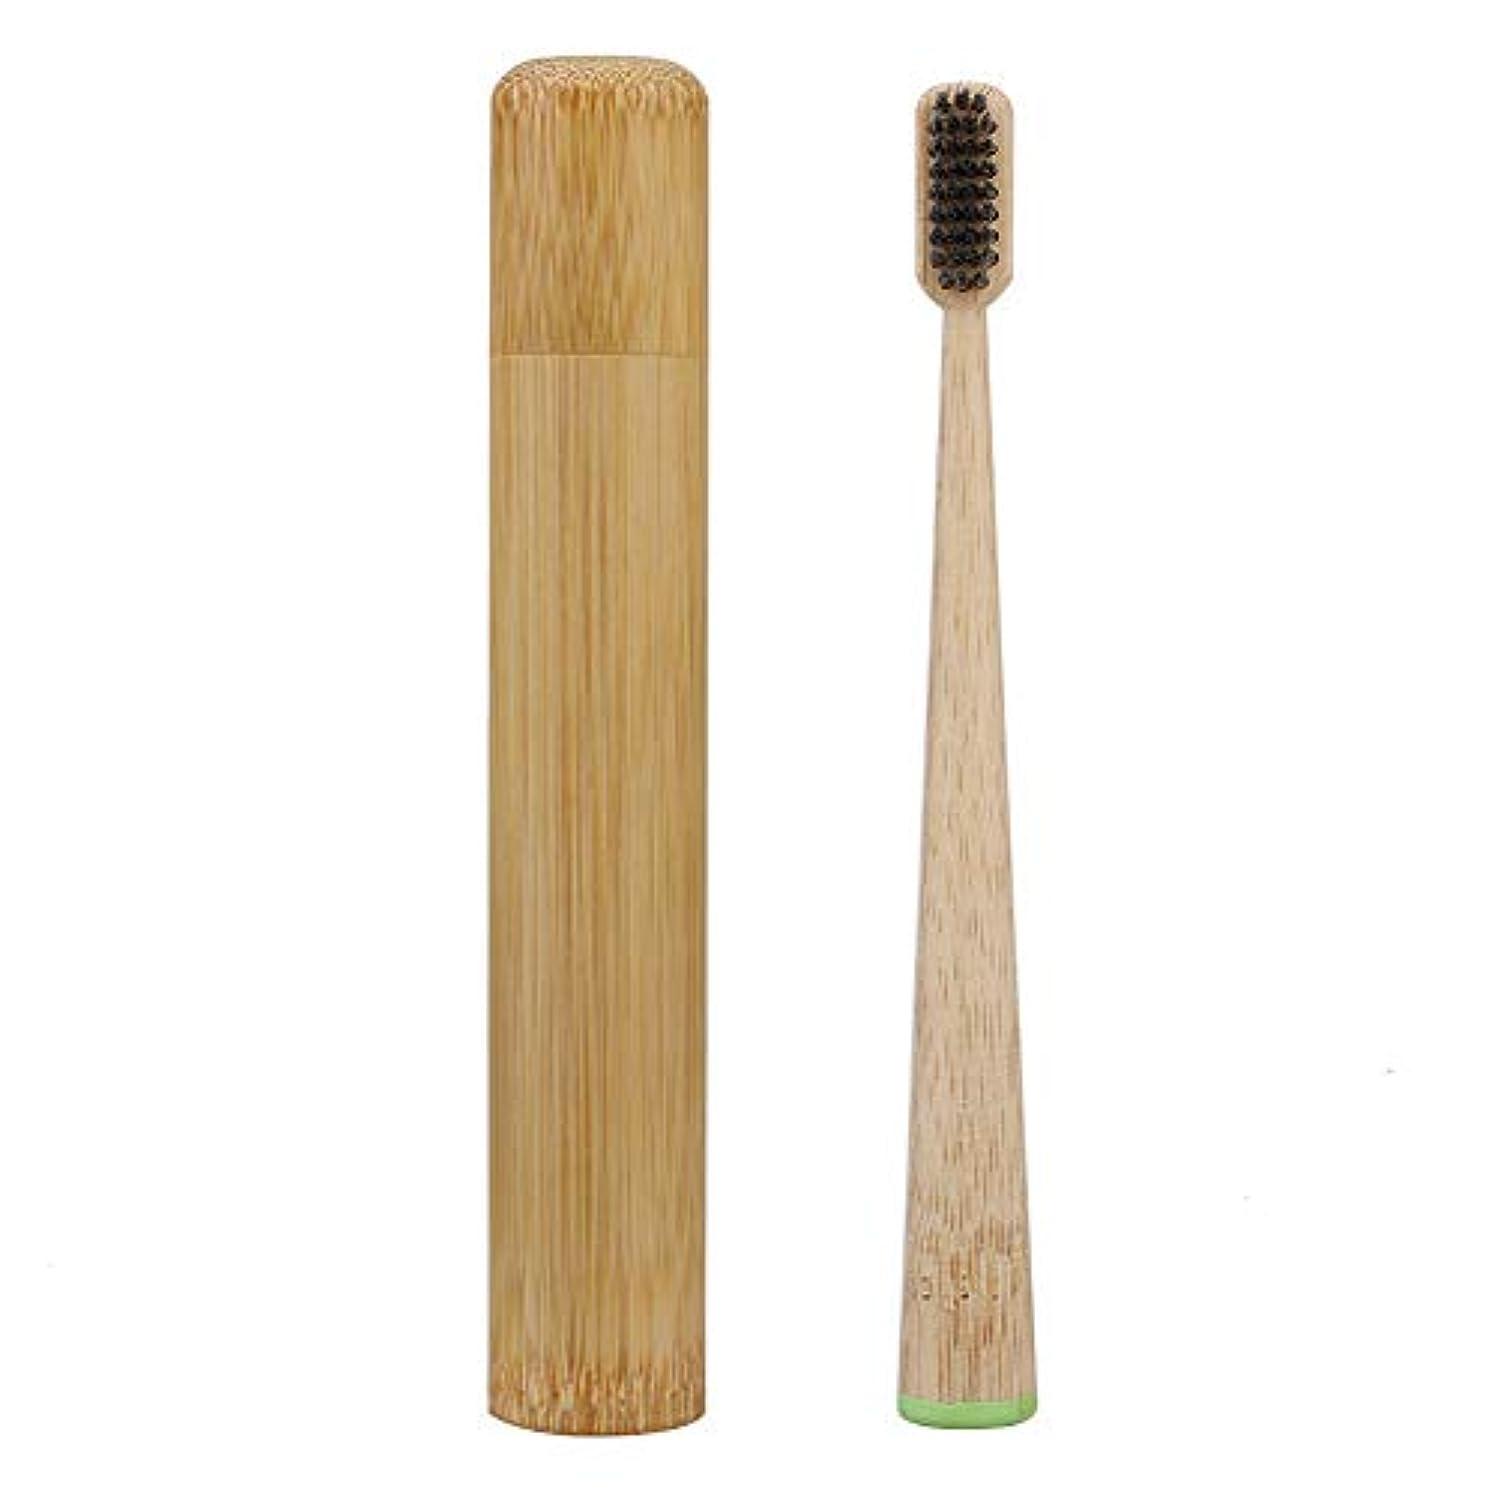 殺す口述葡萄Pannow 2pcs 竹の歯ブラシ 子ども用ハブラシ 丸いハンドル歯ブラシ ケース付き 柔らかい 炭の毛 環境にやさしい歯ブラシ